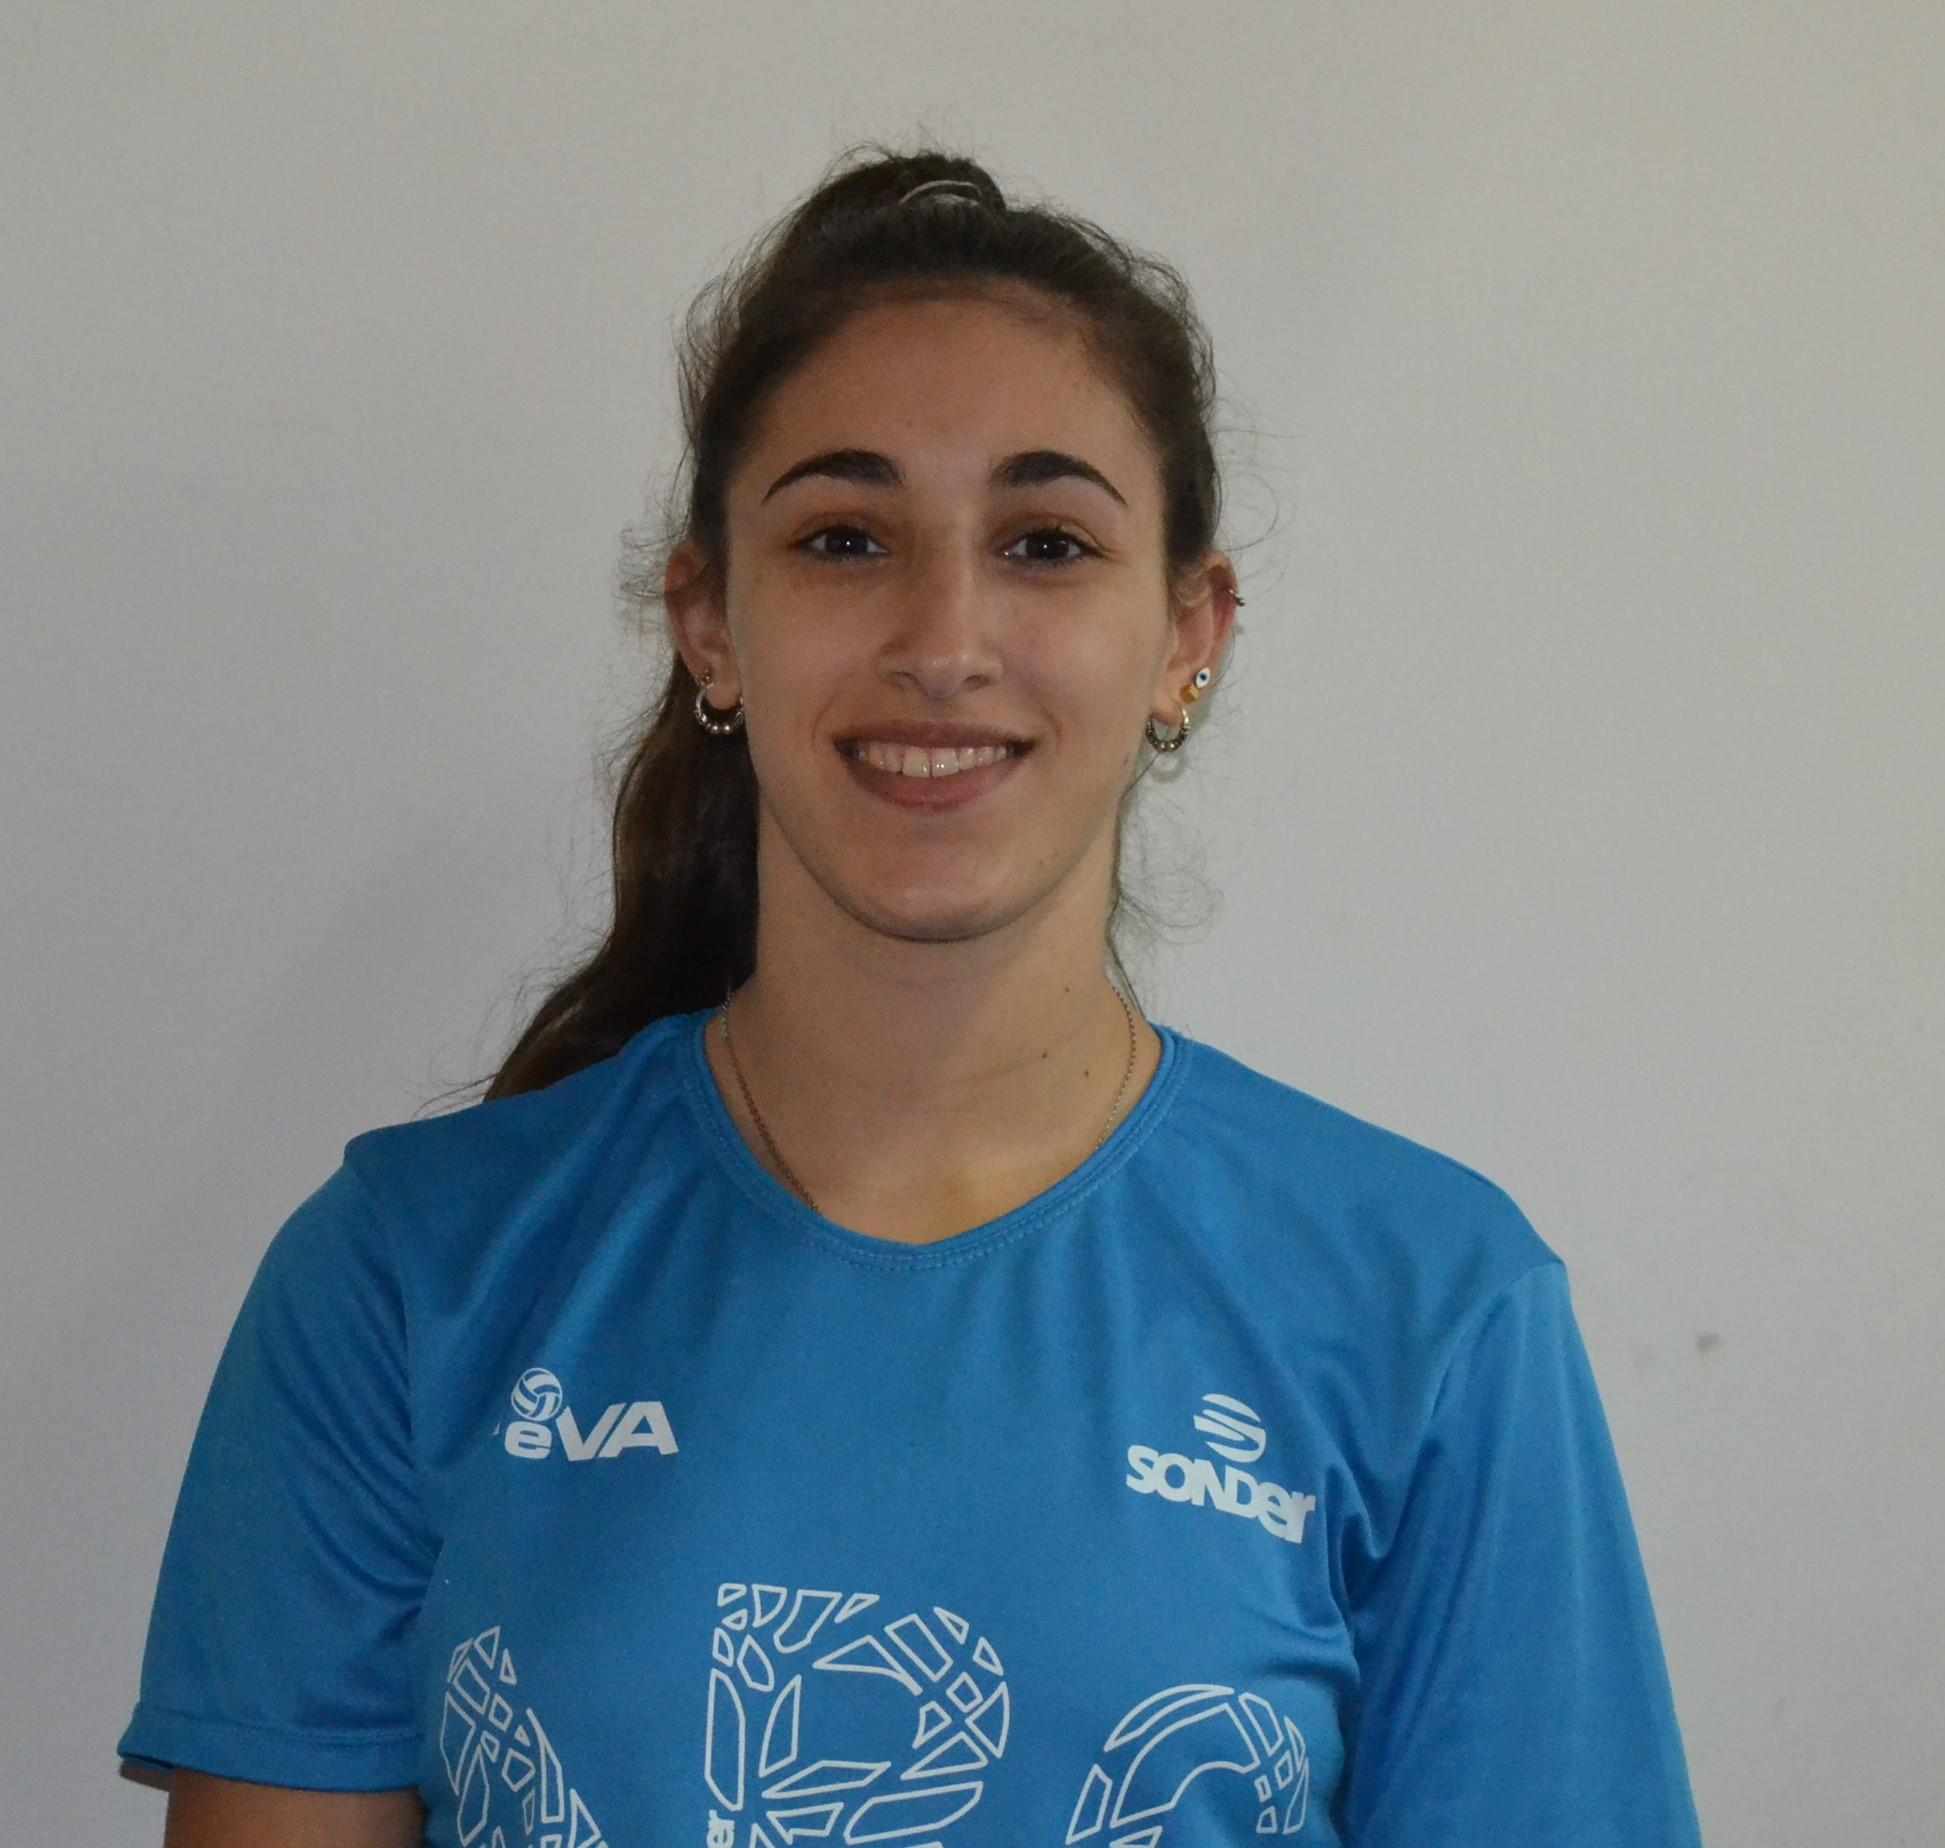 Irene Verasio